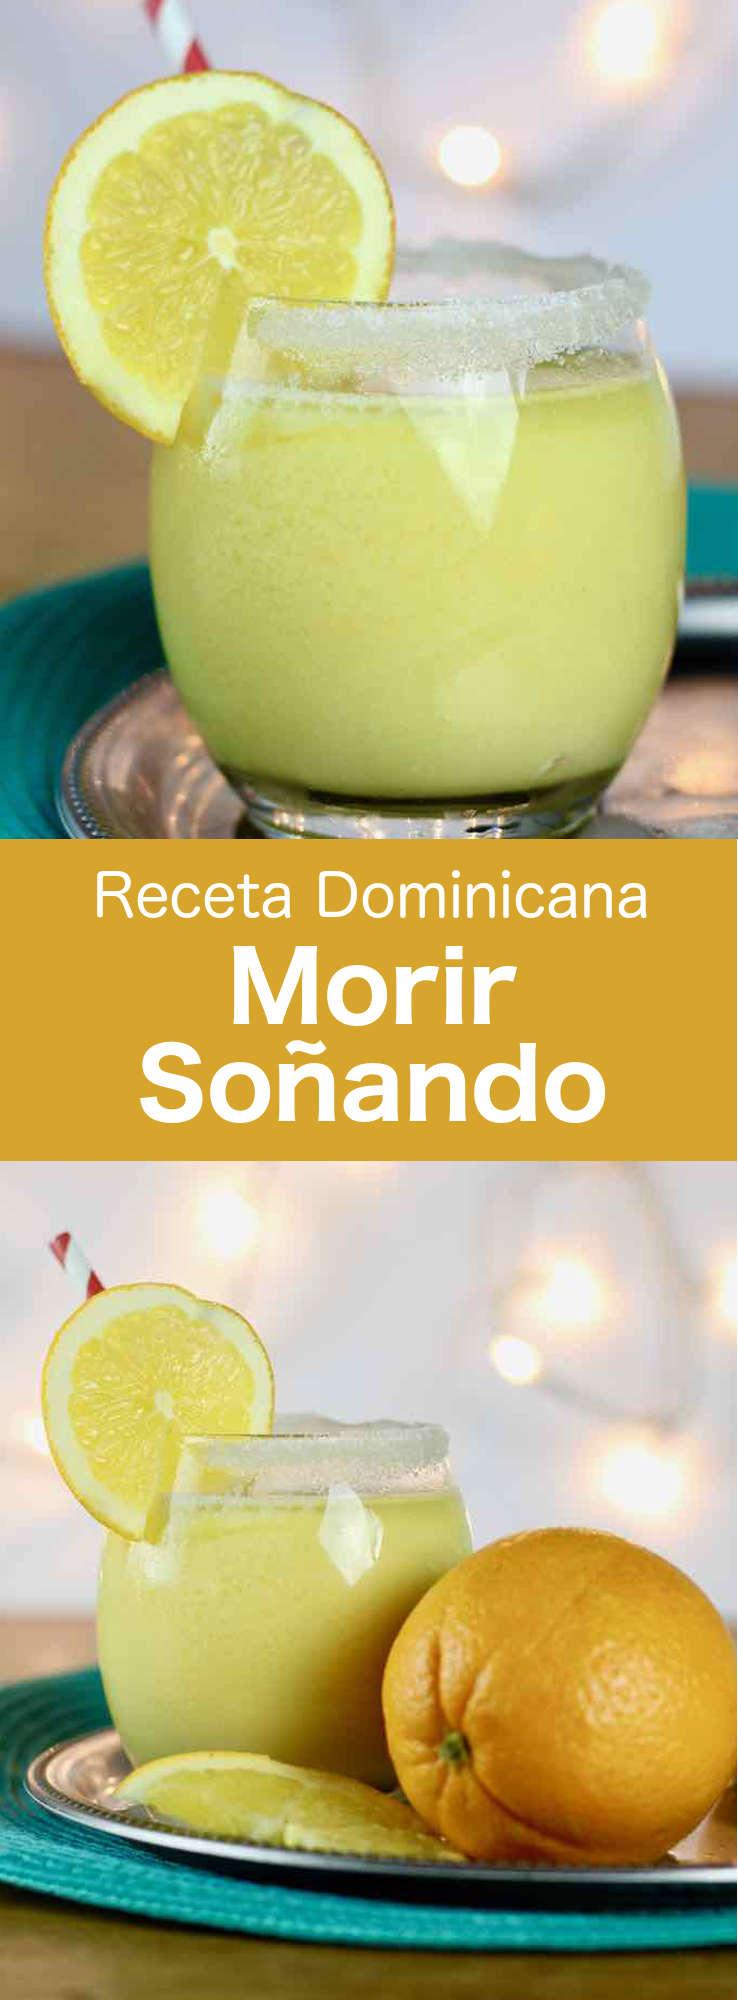 Morir soñando es una bebida tradicional dominicana preparada con jugo de naranja fresco, azúcar de caña, leche y hielo picado. #RepublicaDominicana #196flavors